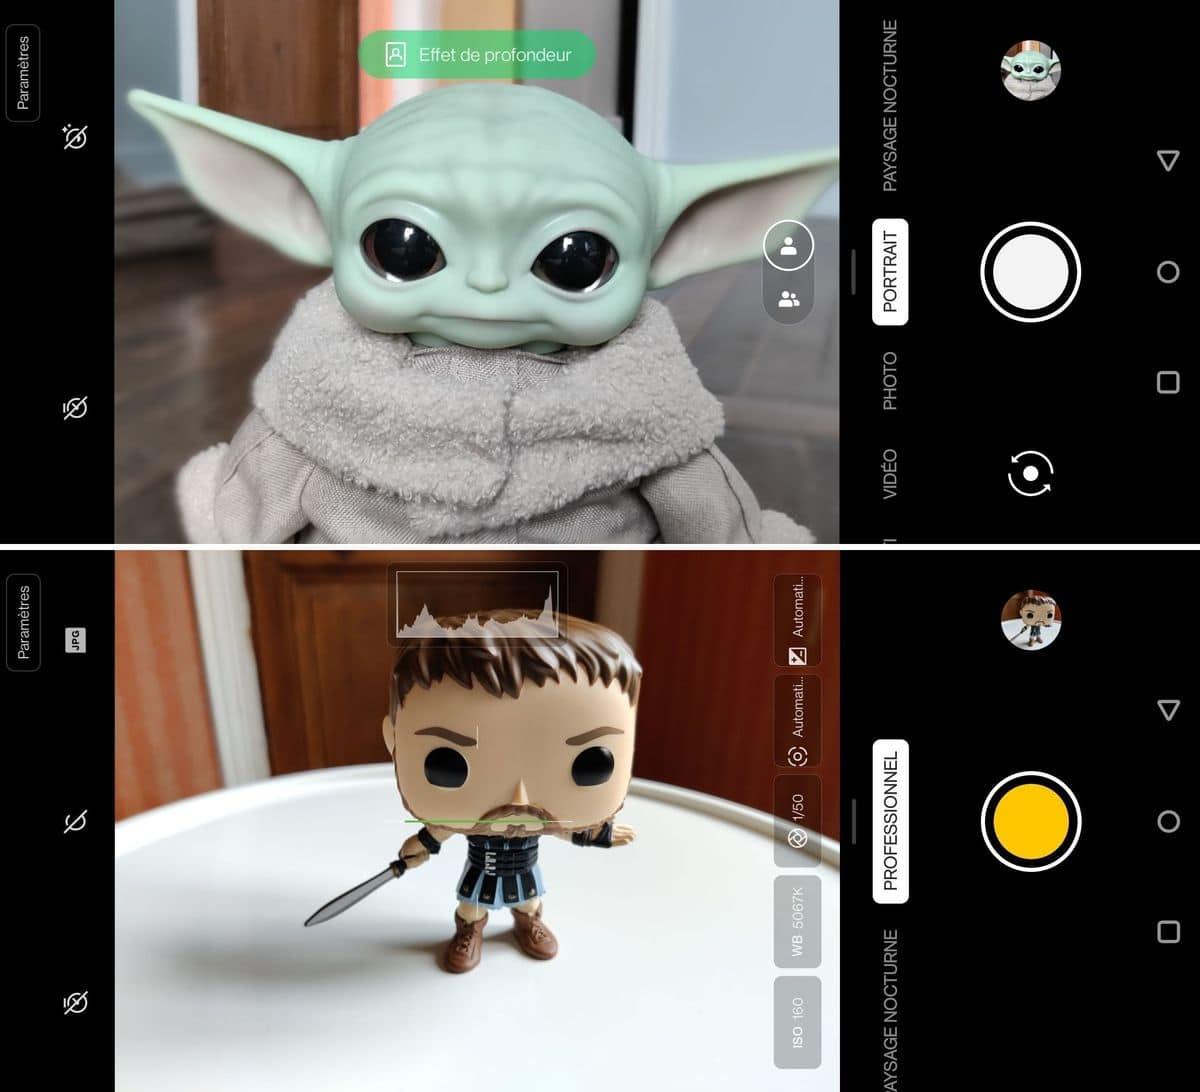 Une photo prise avec le OnePlus 8T